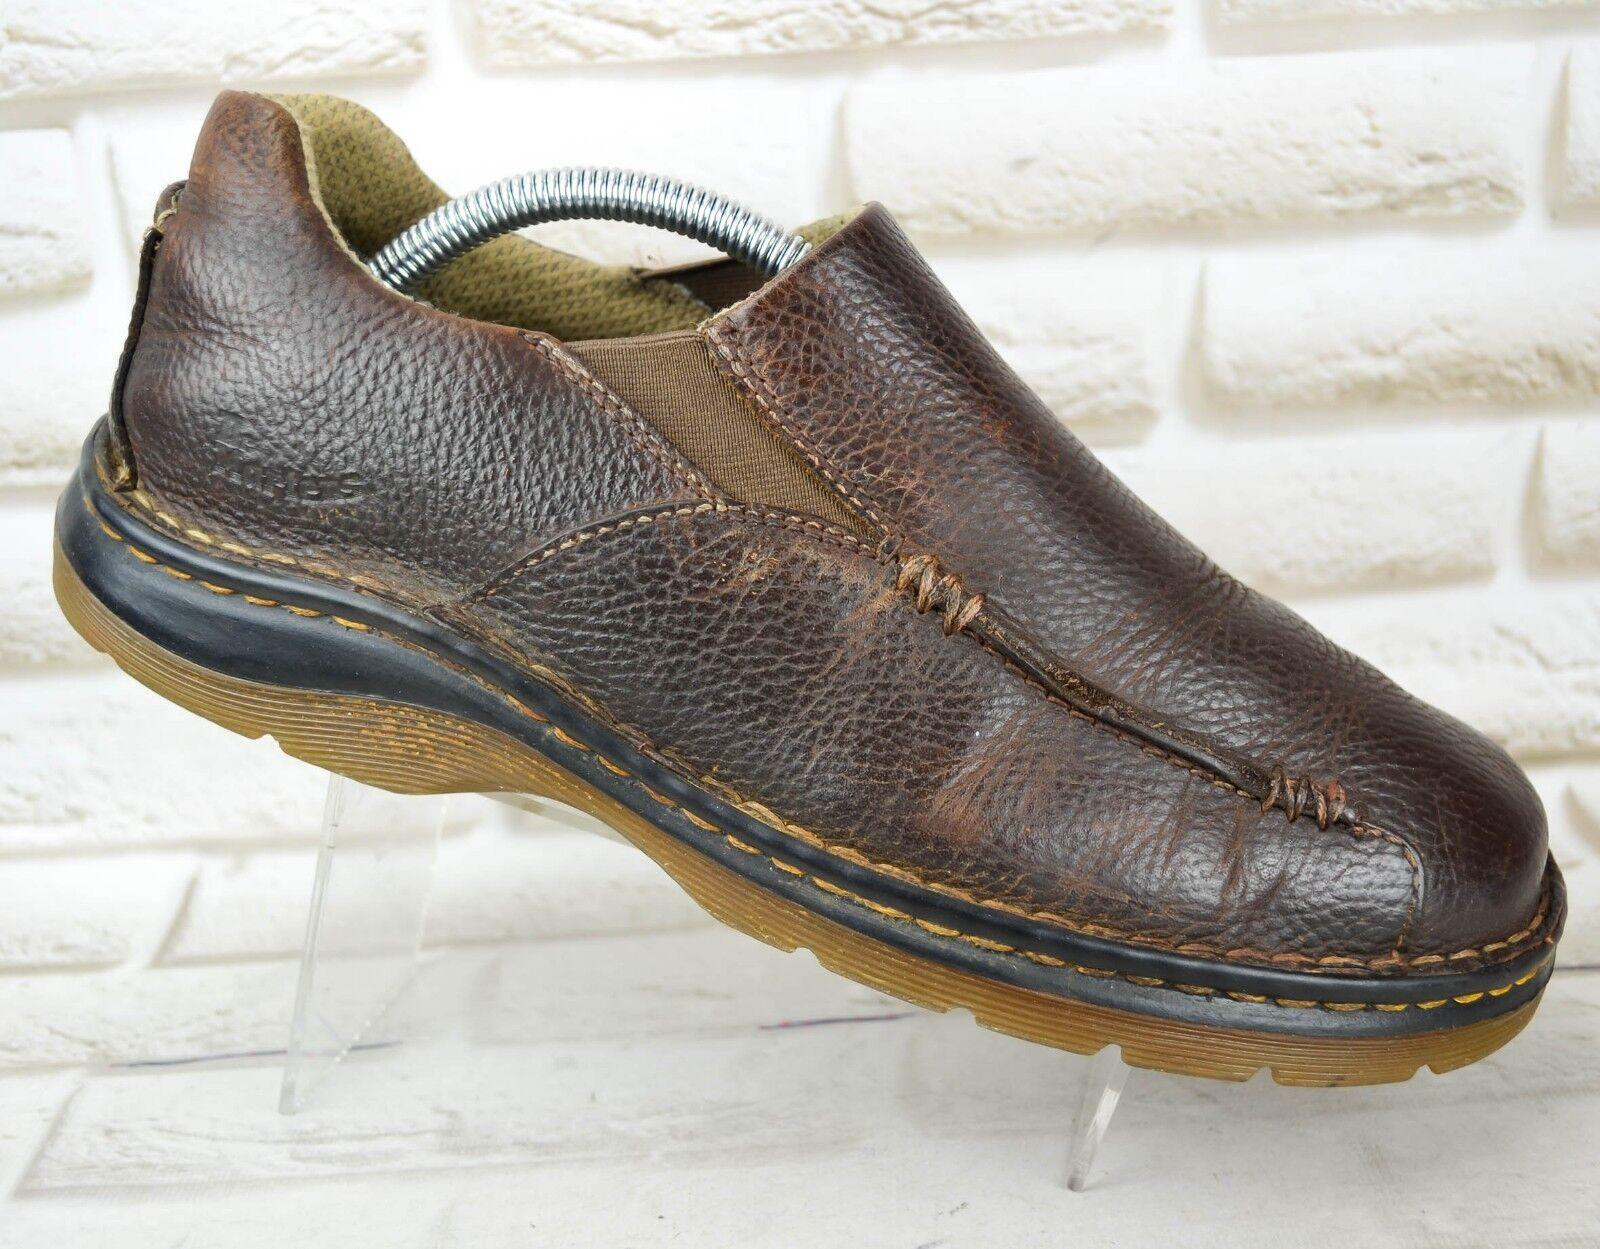 DR. MARTENS  Herren Braun Leder Casual Outdoor Schuhes 10 Stiefel Größe 9 UK 43 EU 10 Schuhes US c22611